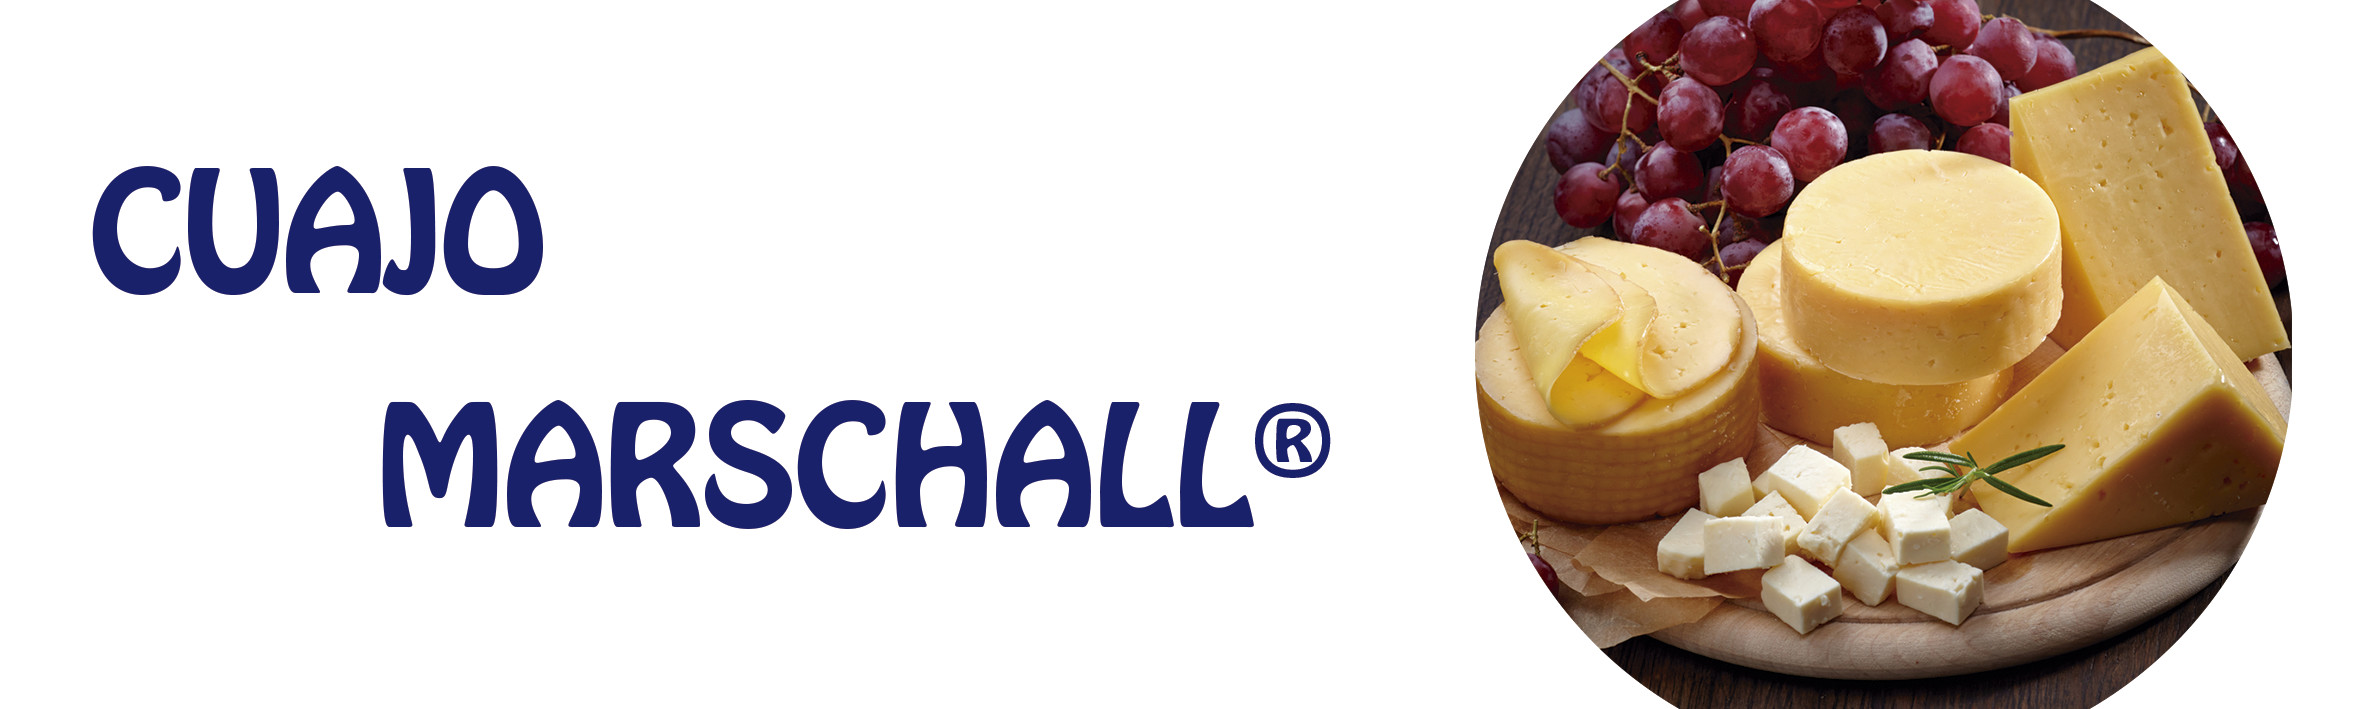 cuajo marschall mundo químico guatemala